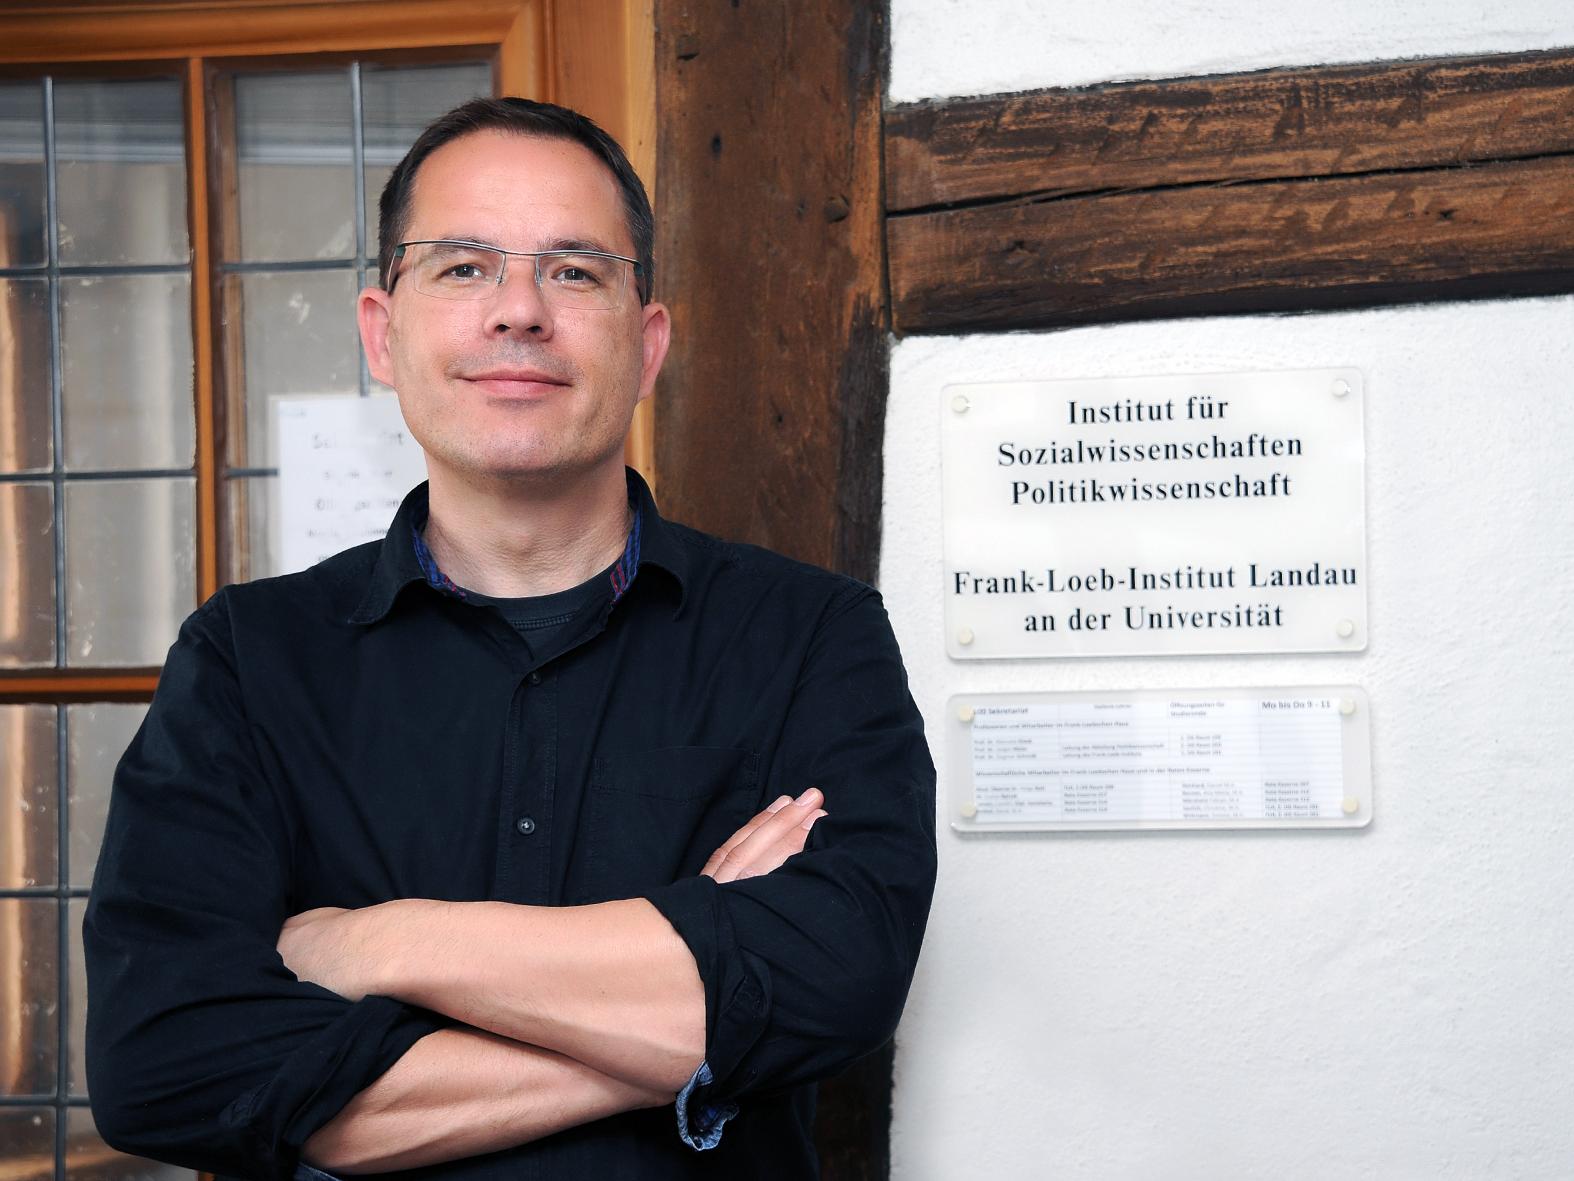 """Prof. Dr. Jürgen Maier studierte 1990 bis 1995 studierte Politikwissenschaften an der Universität Bamberg und promovierte zum Thema """"Politikverdrossenheit in der Bundesrepublik Deutschland"""". Heute stellt er sich den Fragen im Uniblog-Interview. Foto: Karin Hiller"""